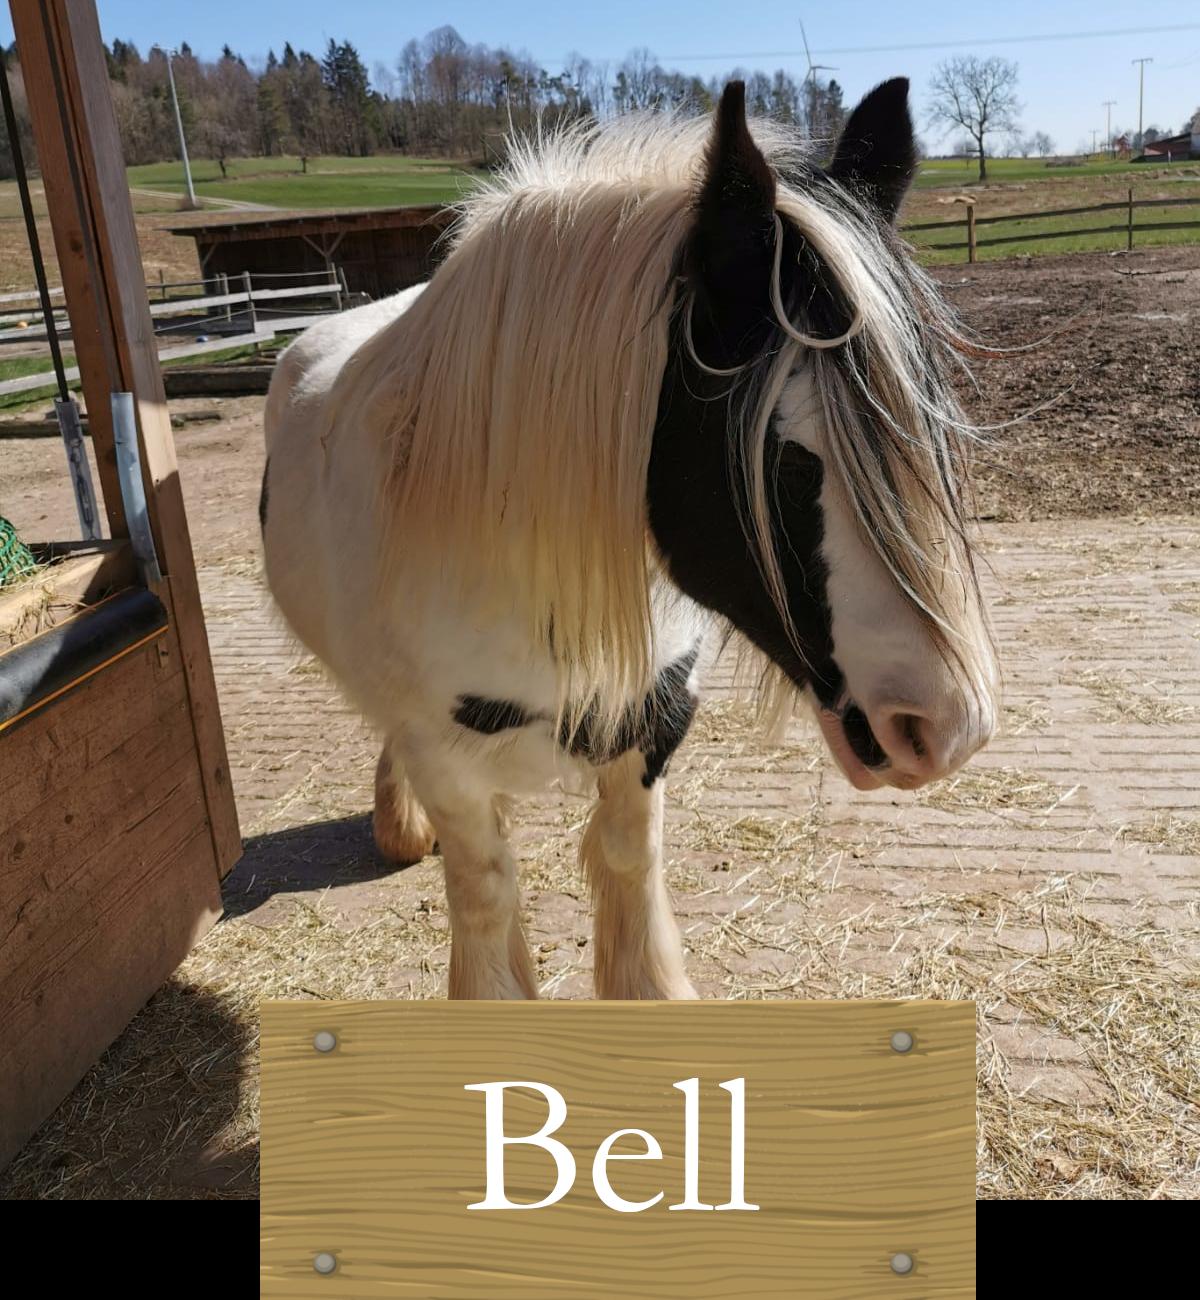 bell_weißesPferd_zugeschnitten_Schild1